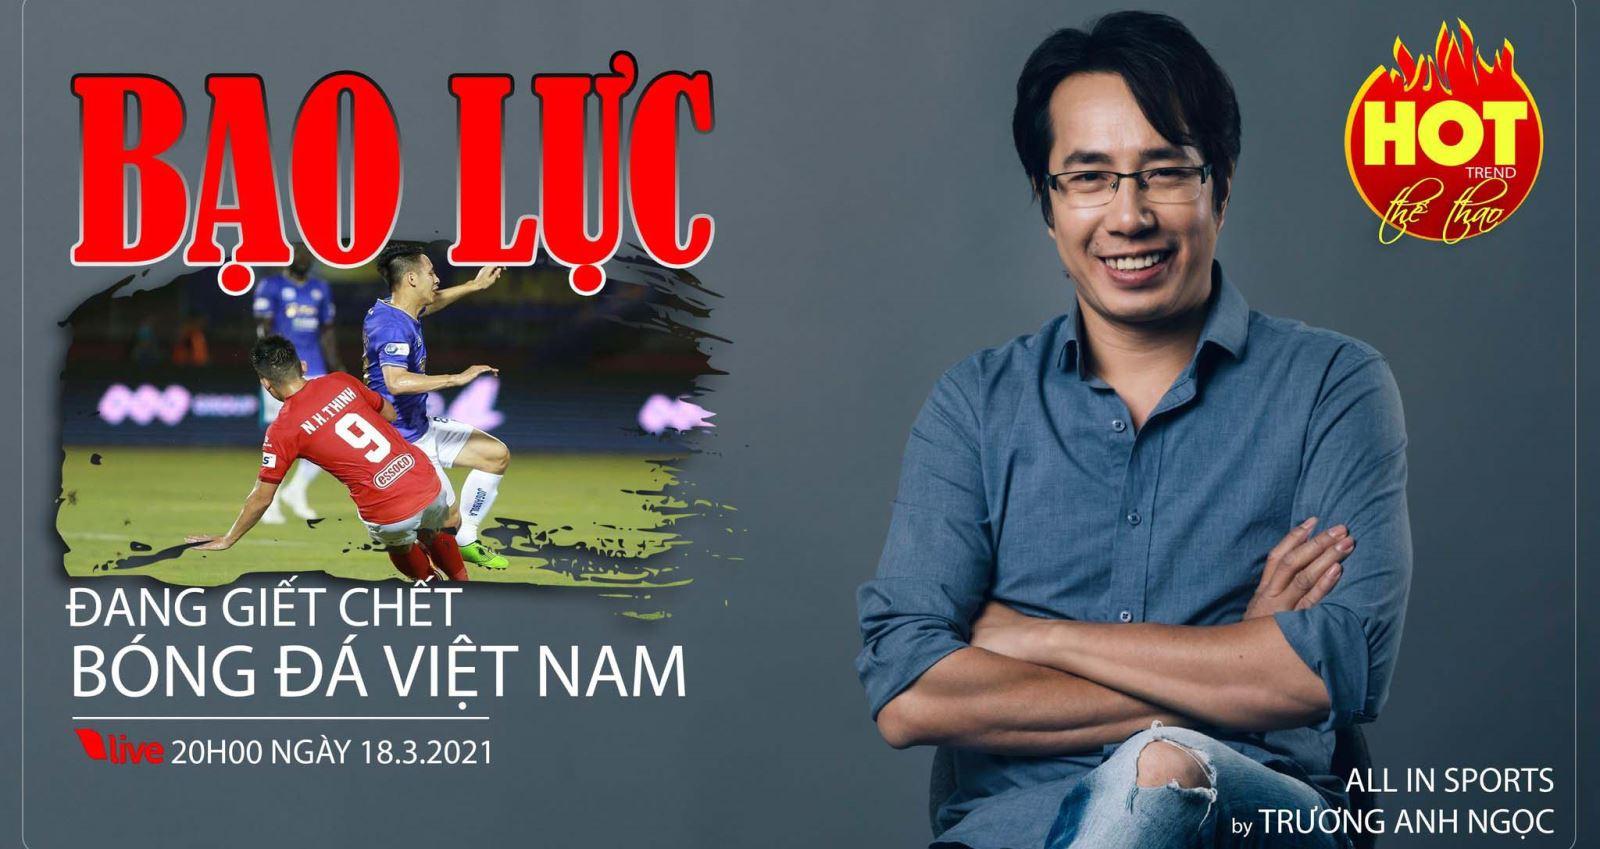 V-League, bóng đá Việt, Hùng Dũng, Ngô Hoàng Thịnh, BLV Anh Ngọc, V-League